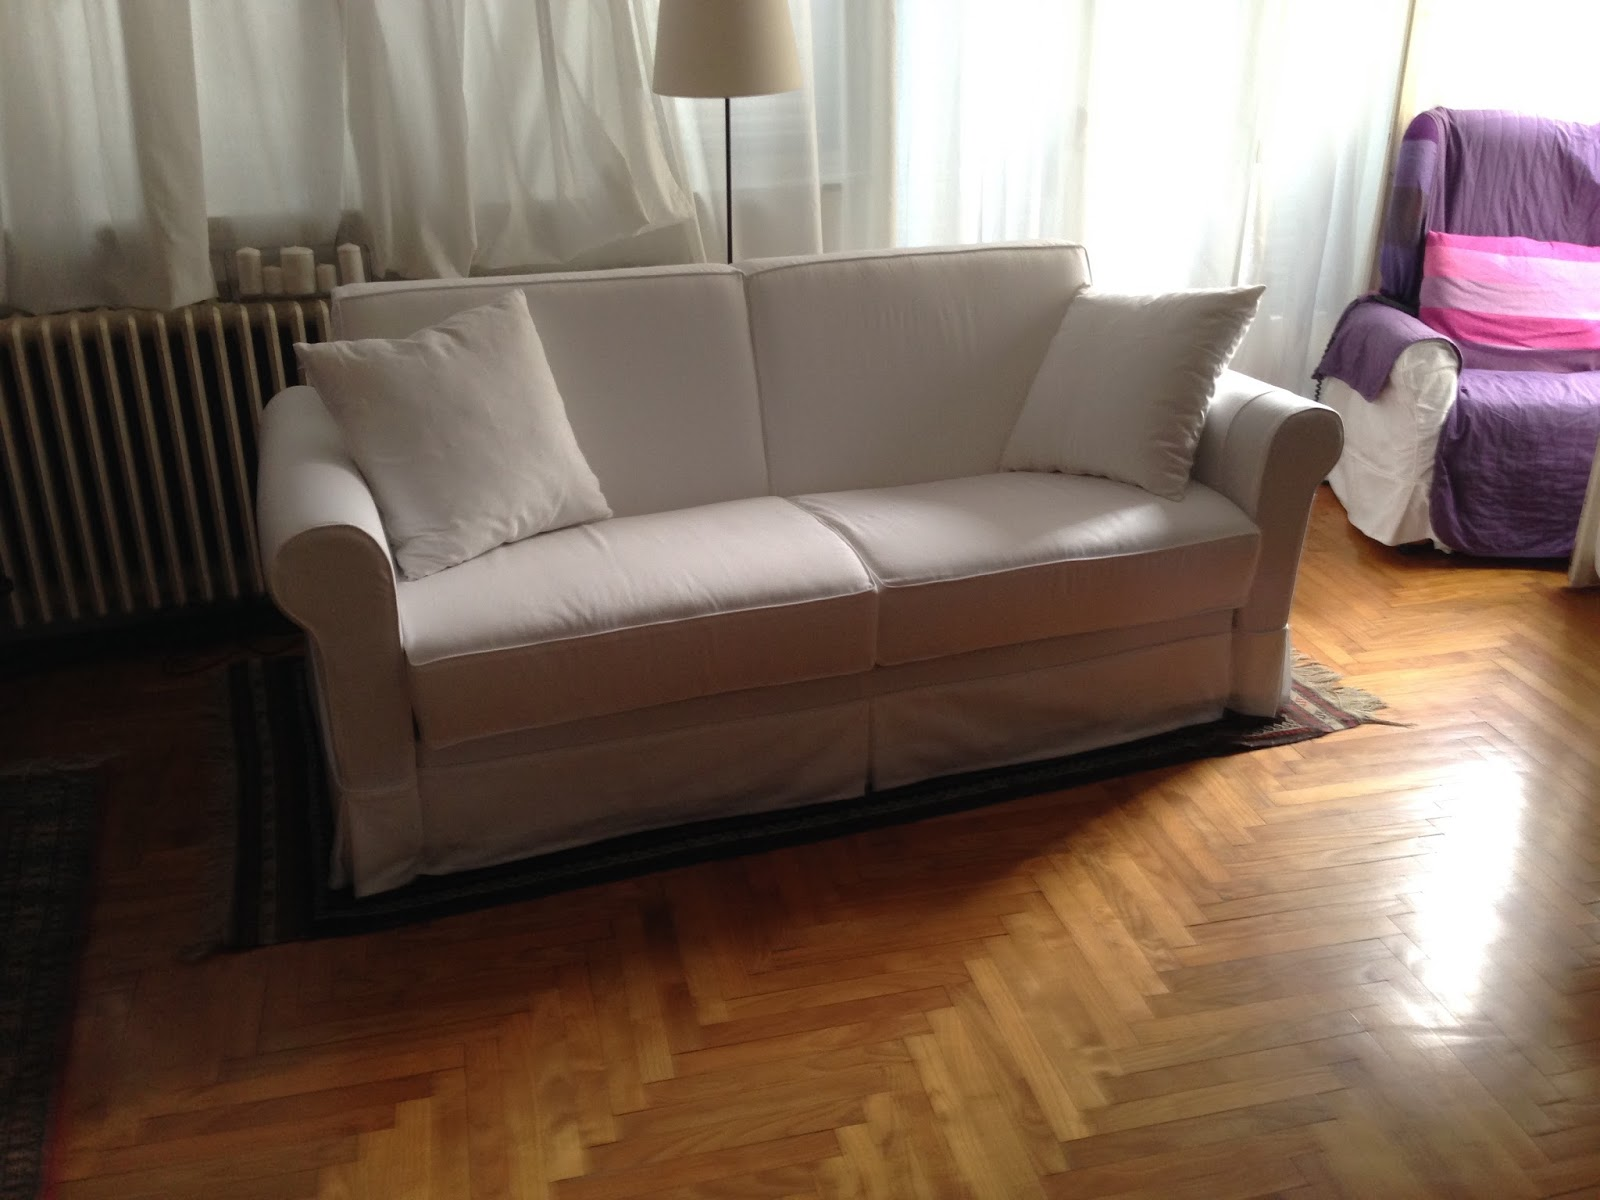 divano letto elettrico di linea classica tino mariani with divani a lissone